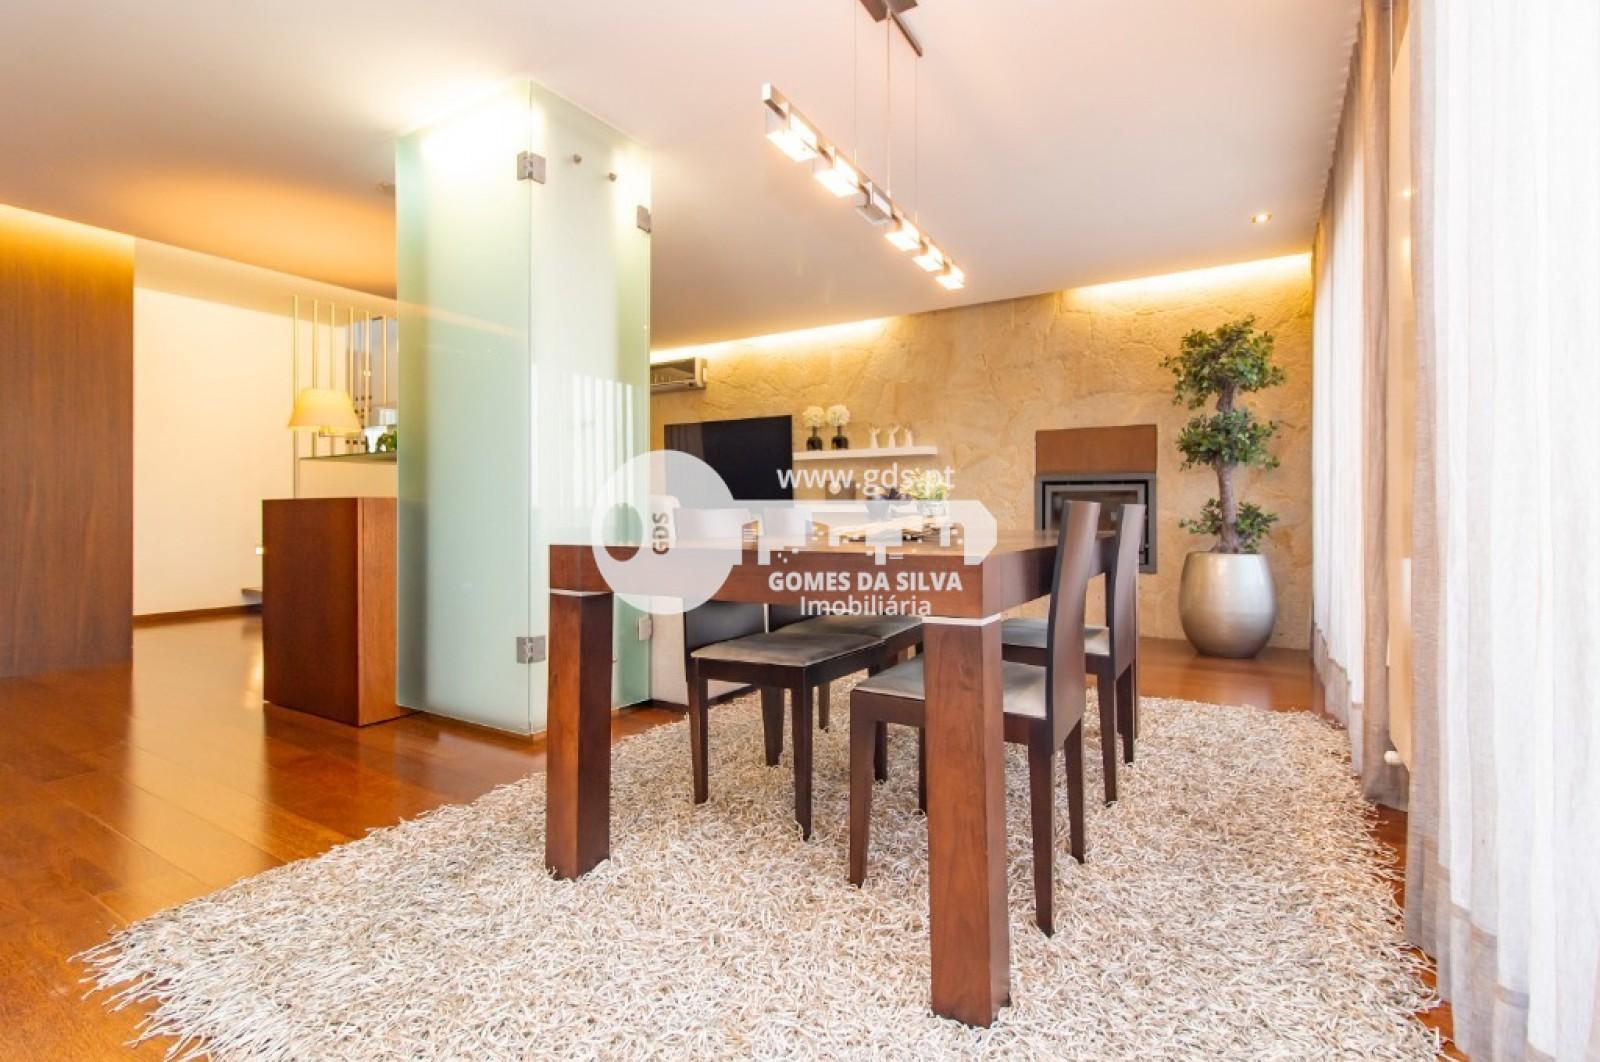 Apartamento T3 para Venda em Nogueira, Fraião e Lamaçães, Braga, Braga - Imagem 29